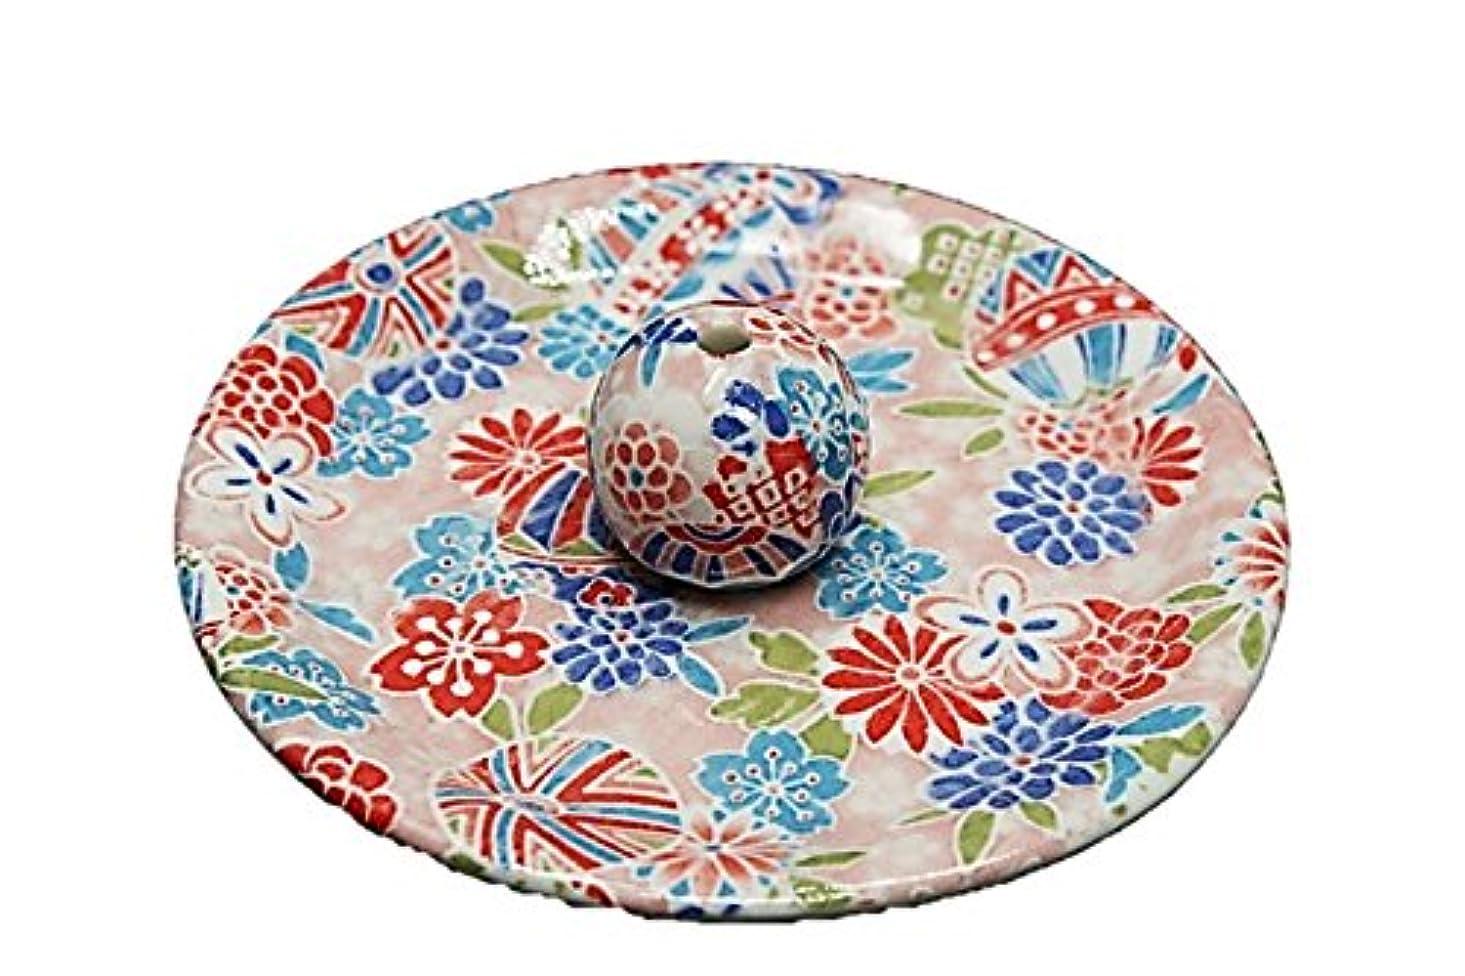 理容師永久に暖かく9-8 京雅桃 9cm香皿 お香たて 陶器 お香立 製造?直売品